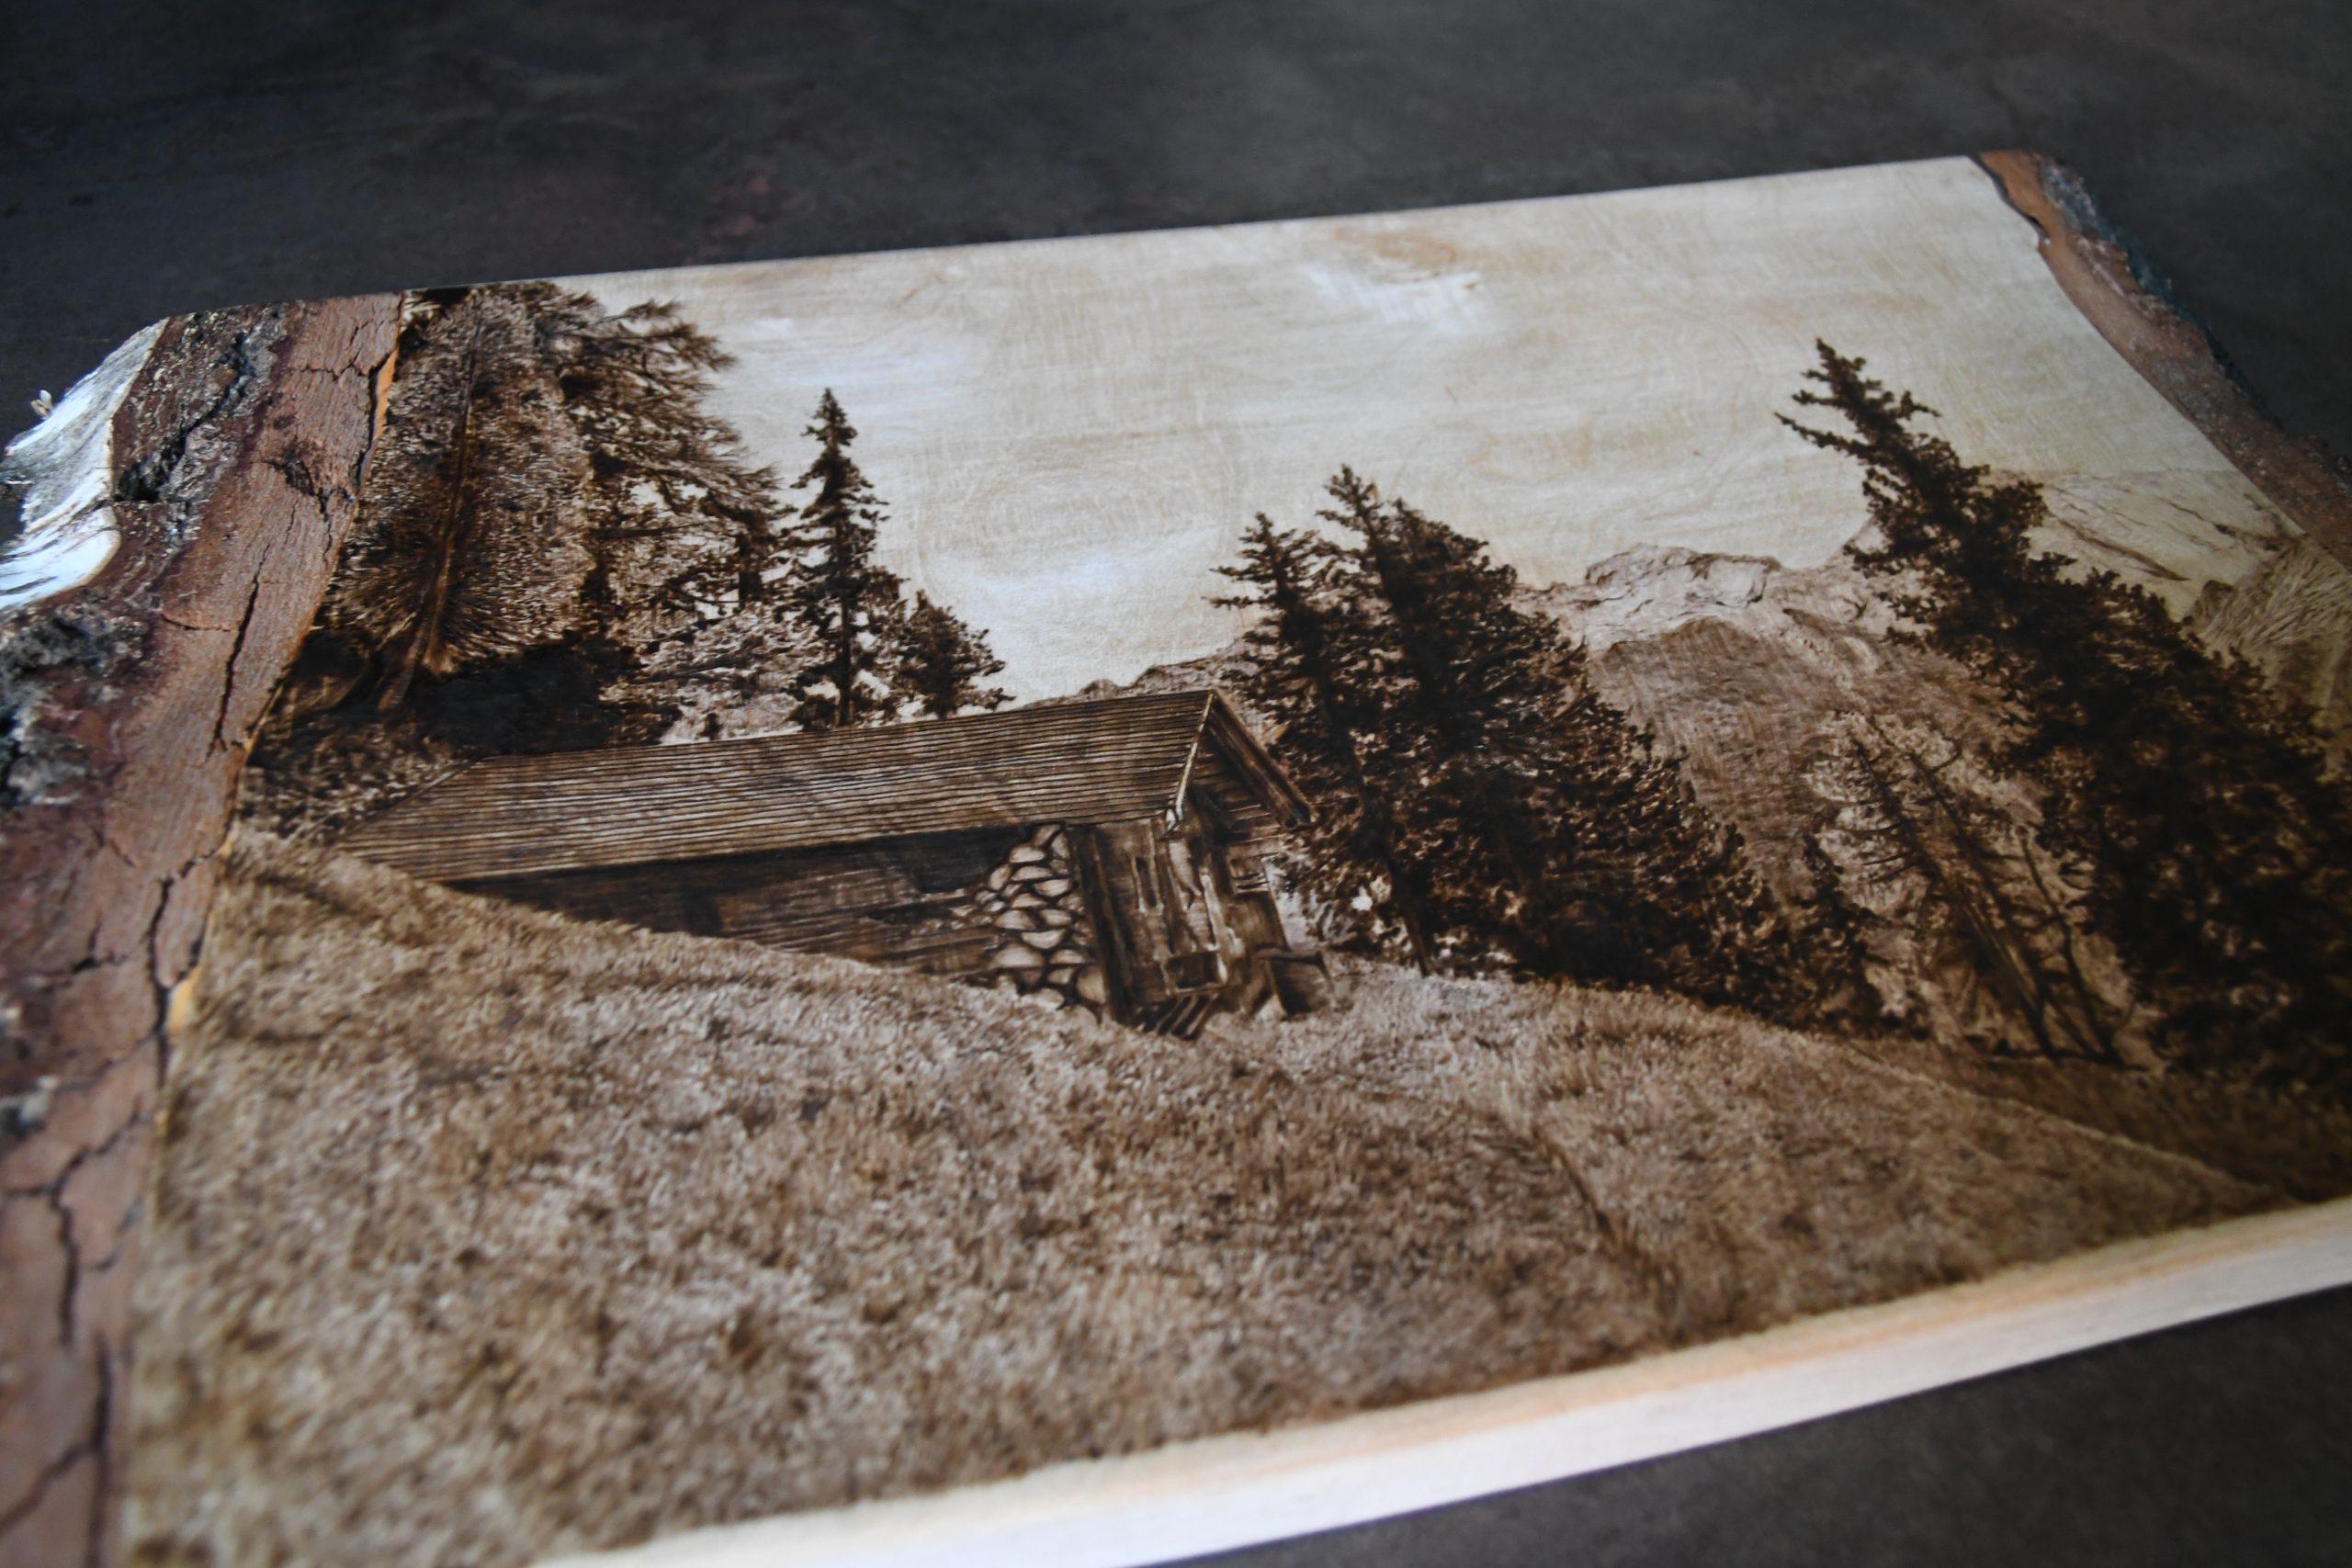 wypalanie w drewnie, sylwia, pirografia, janczyszyn, pyrography, handmade, rękodzieło, pomysł na prezent, krajobraz, na zamówienie,